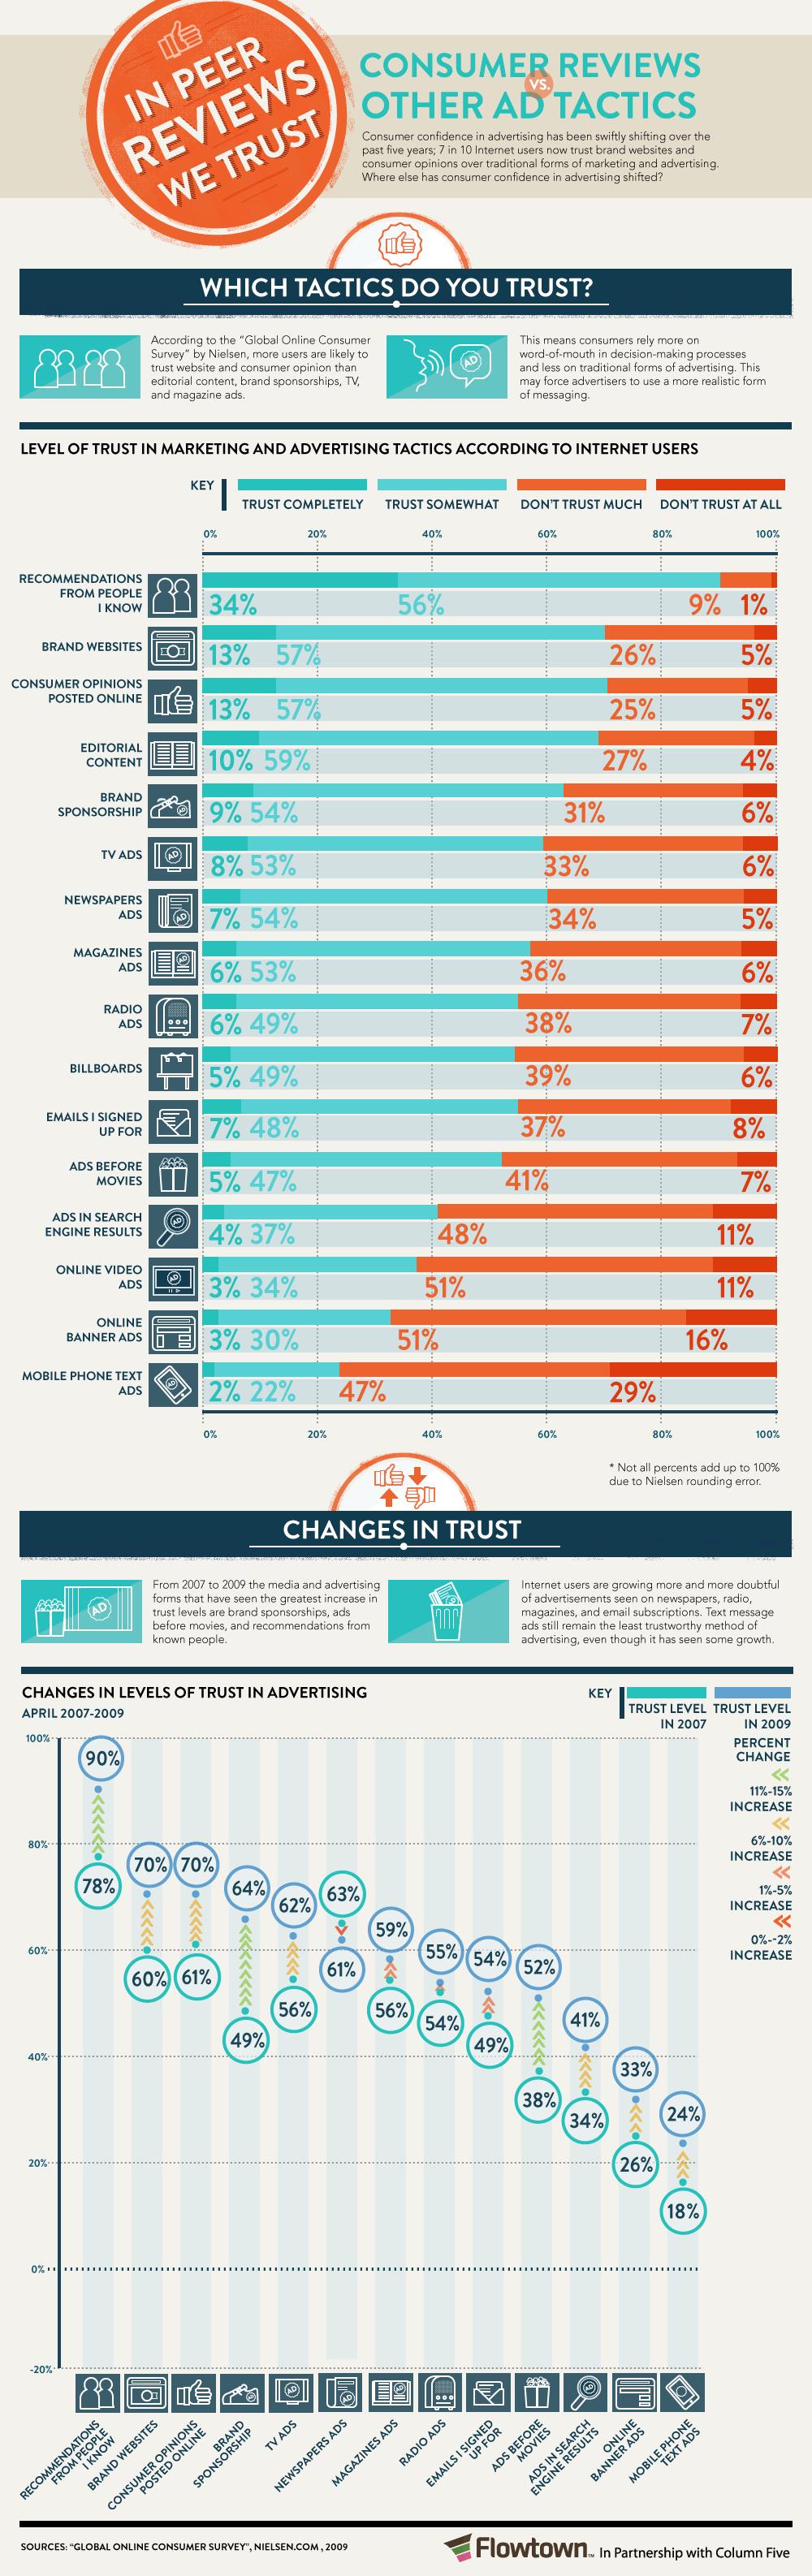 La confiance du consommateur en une infographie